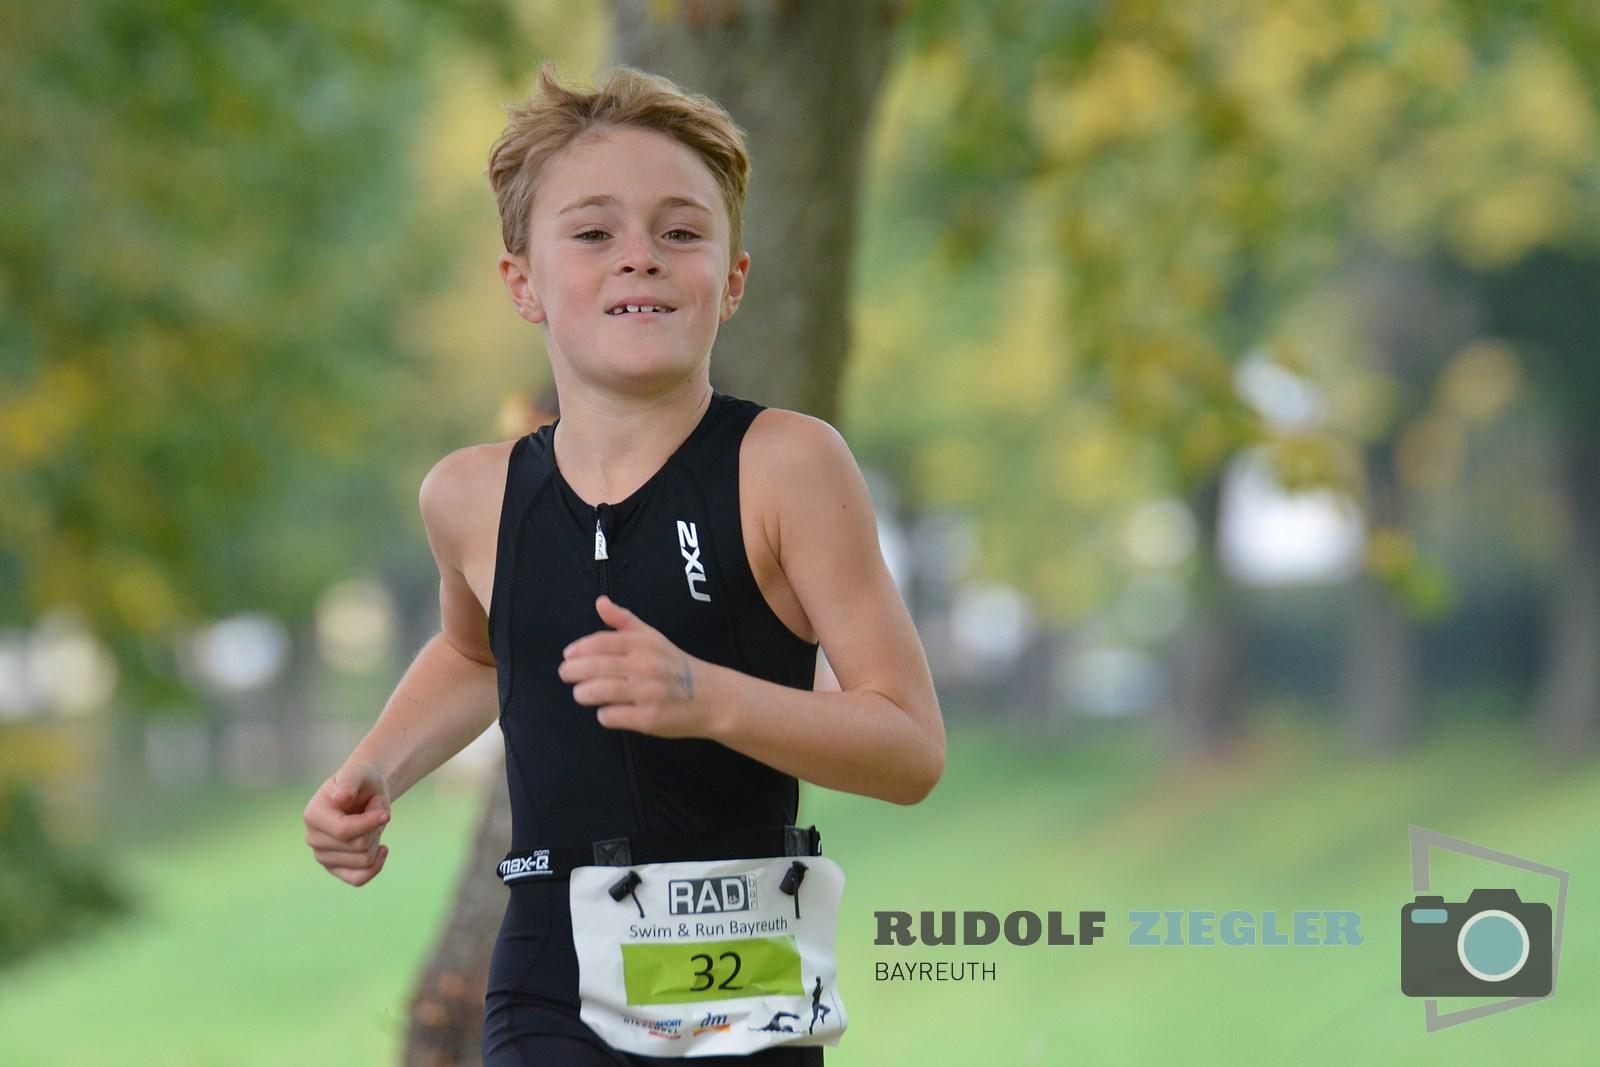 2. RadBar Swim&Run Bayreuth 2017 120-A (1600x1200)